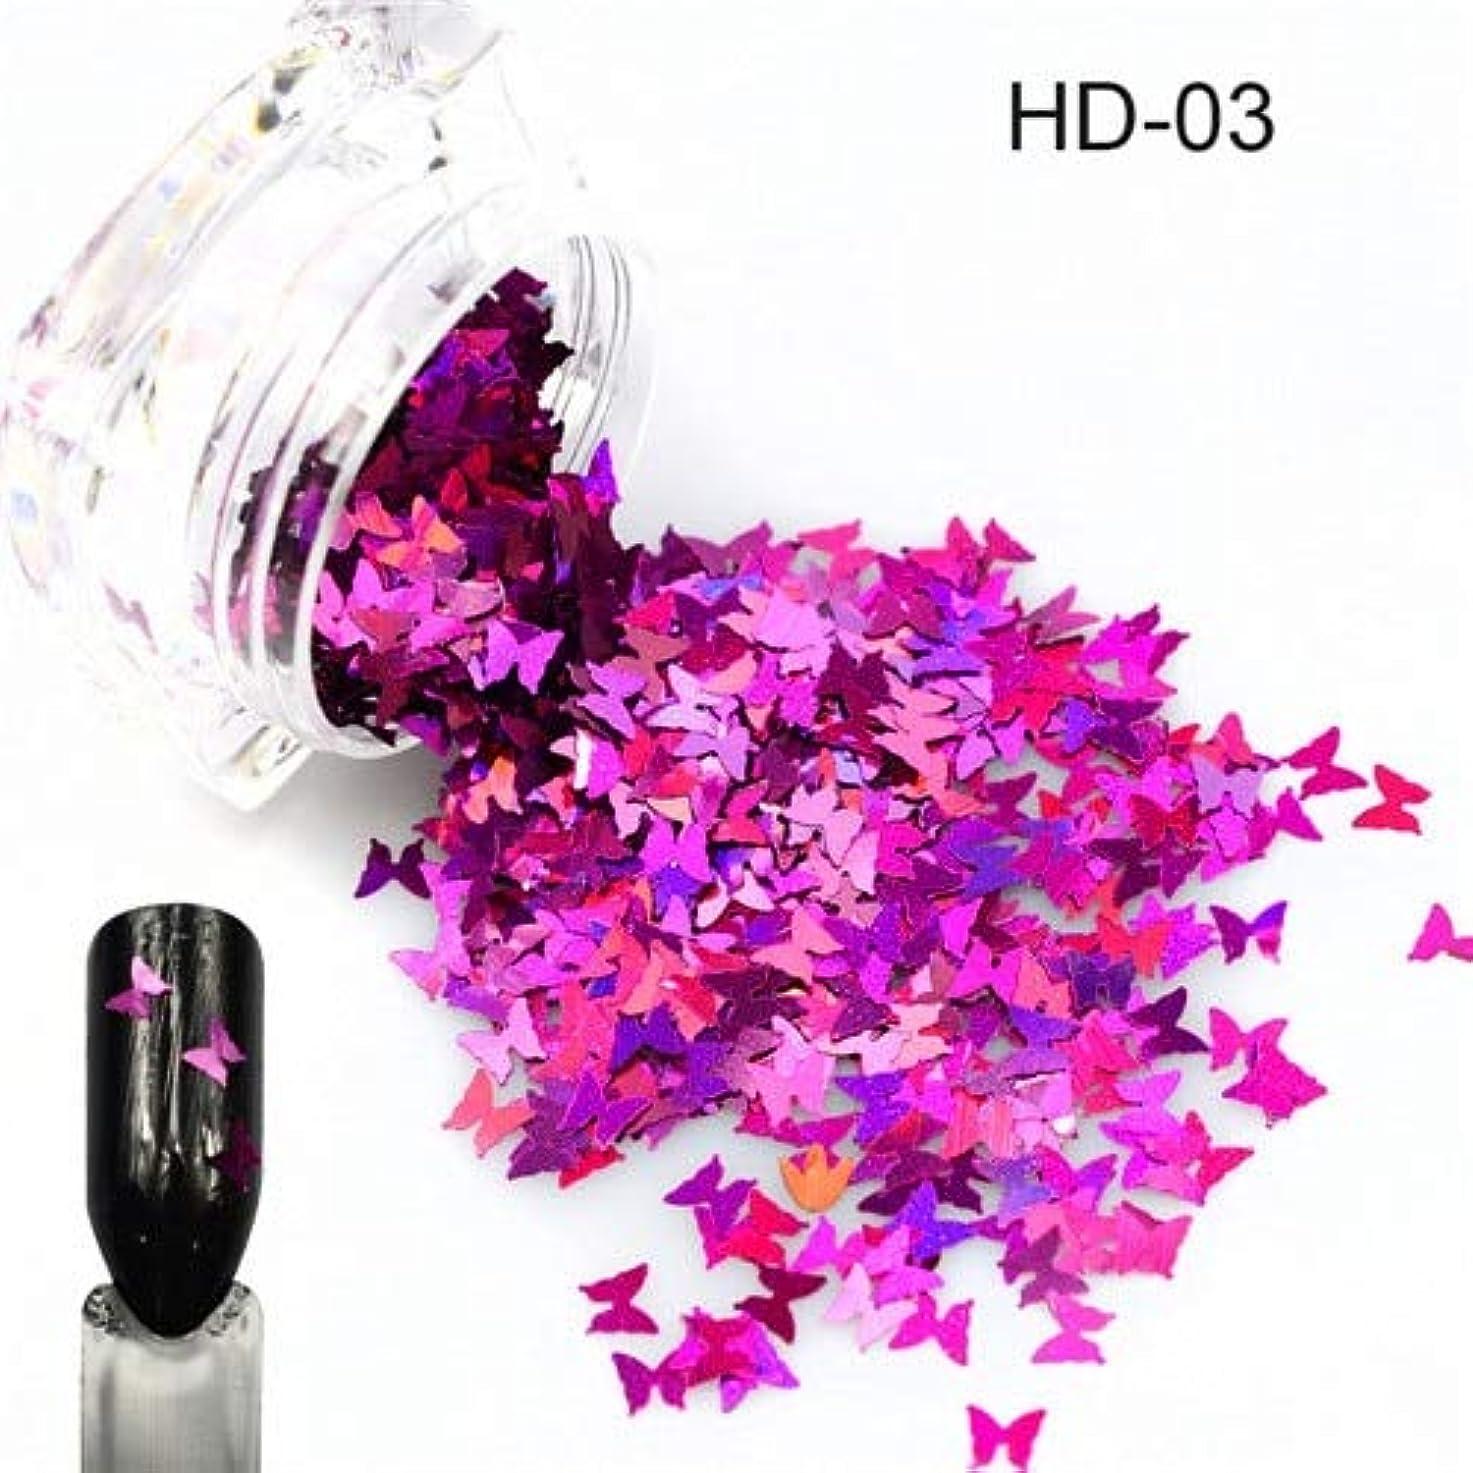 ダイエットホステル鳩1ピース新しい爪輝く蝶の形ミックス色美容ジェルネイルアートチャームミニパレット小型サイズスパンコール装飾SAHD01-05 HD03